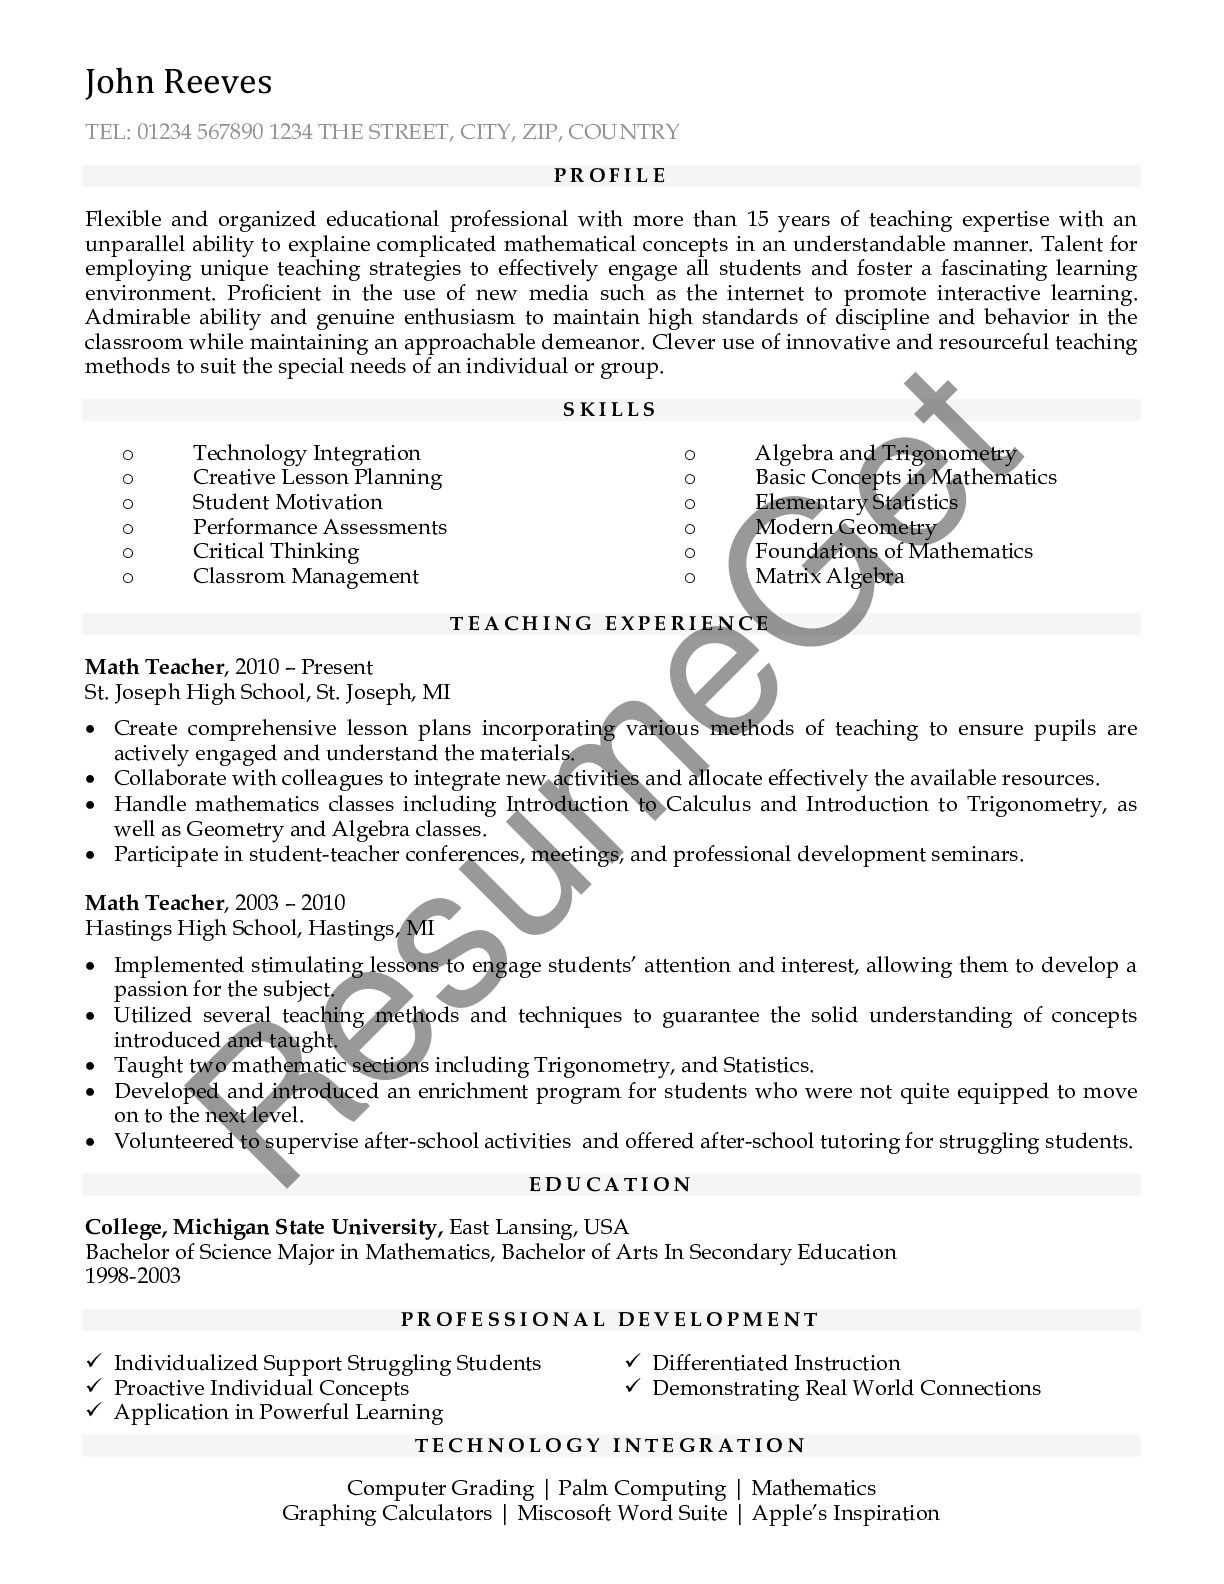 Resume Example for Teacher